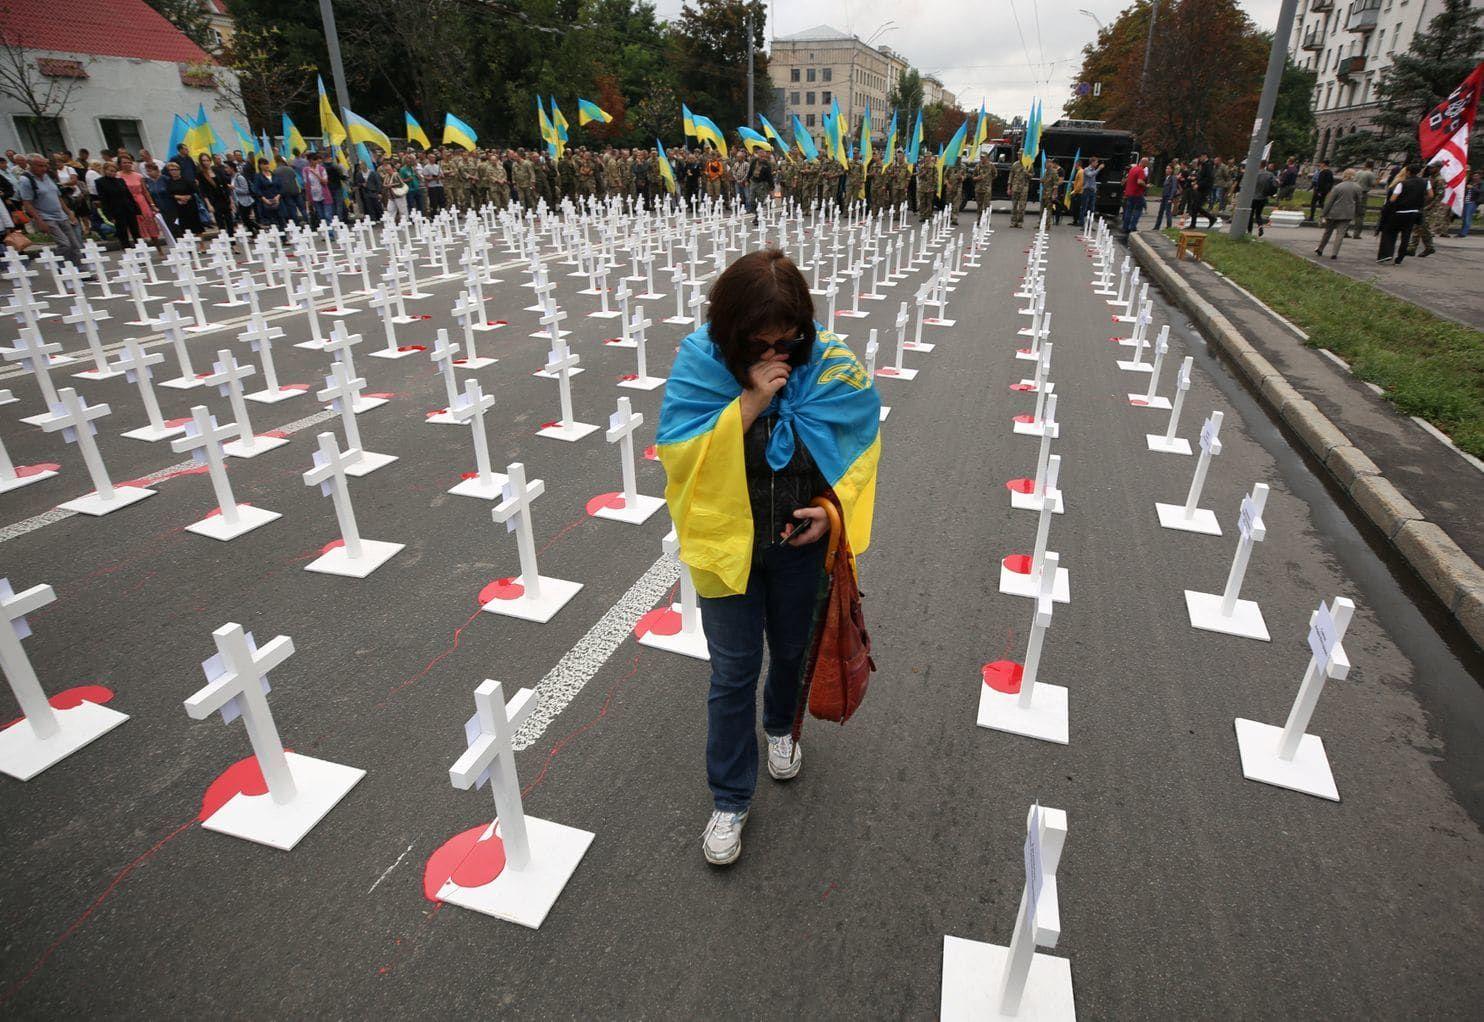 Putin's war is transforming Ukraine